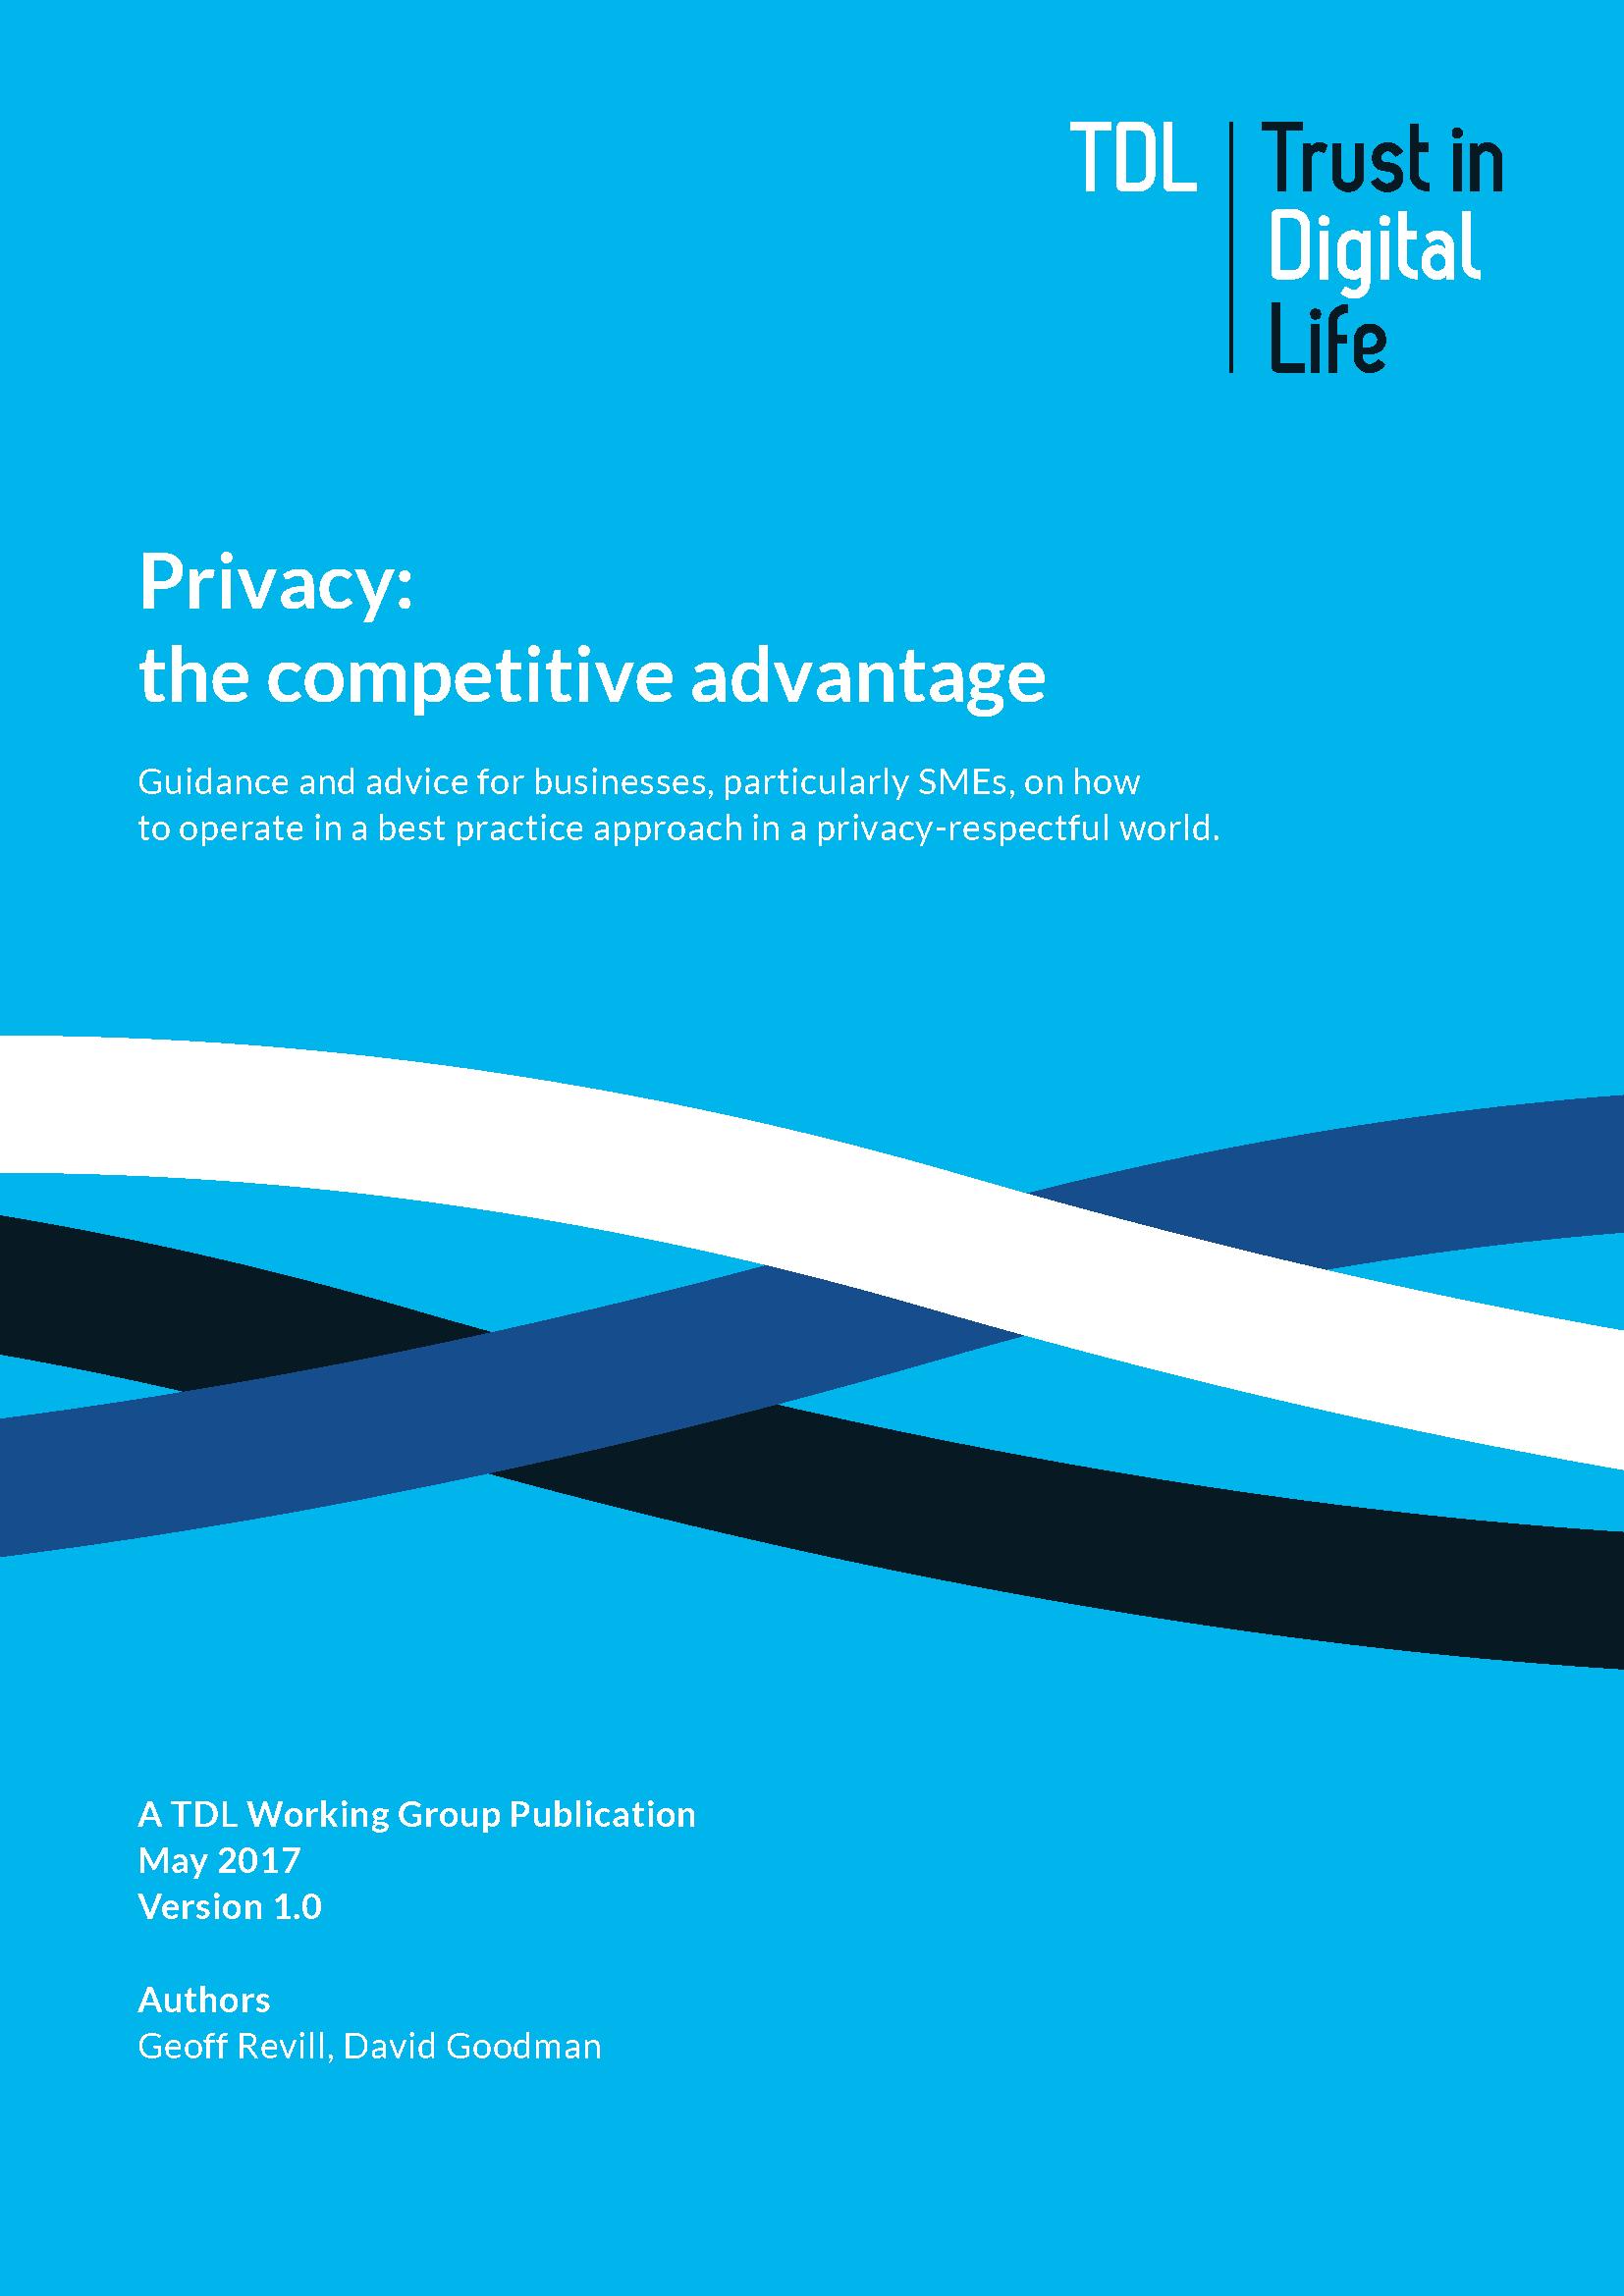 Privacy - The Competitive Advantage